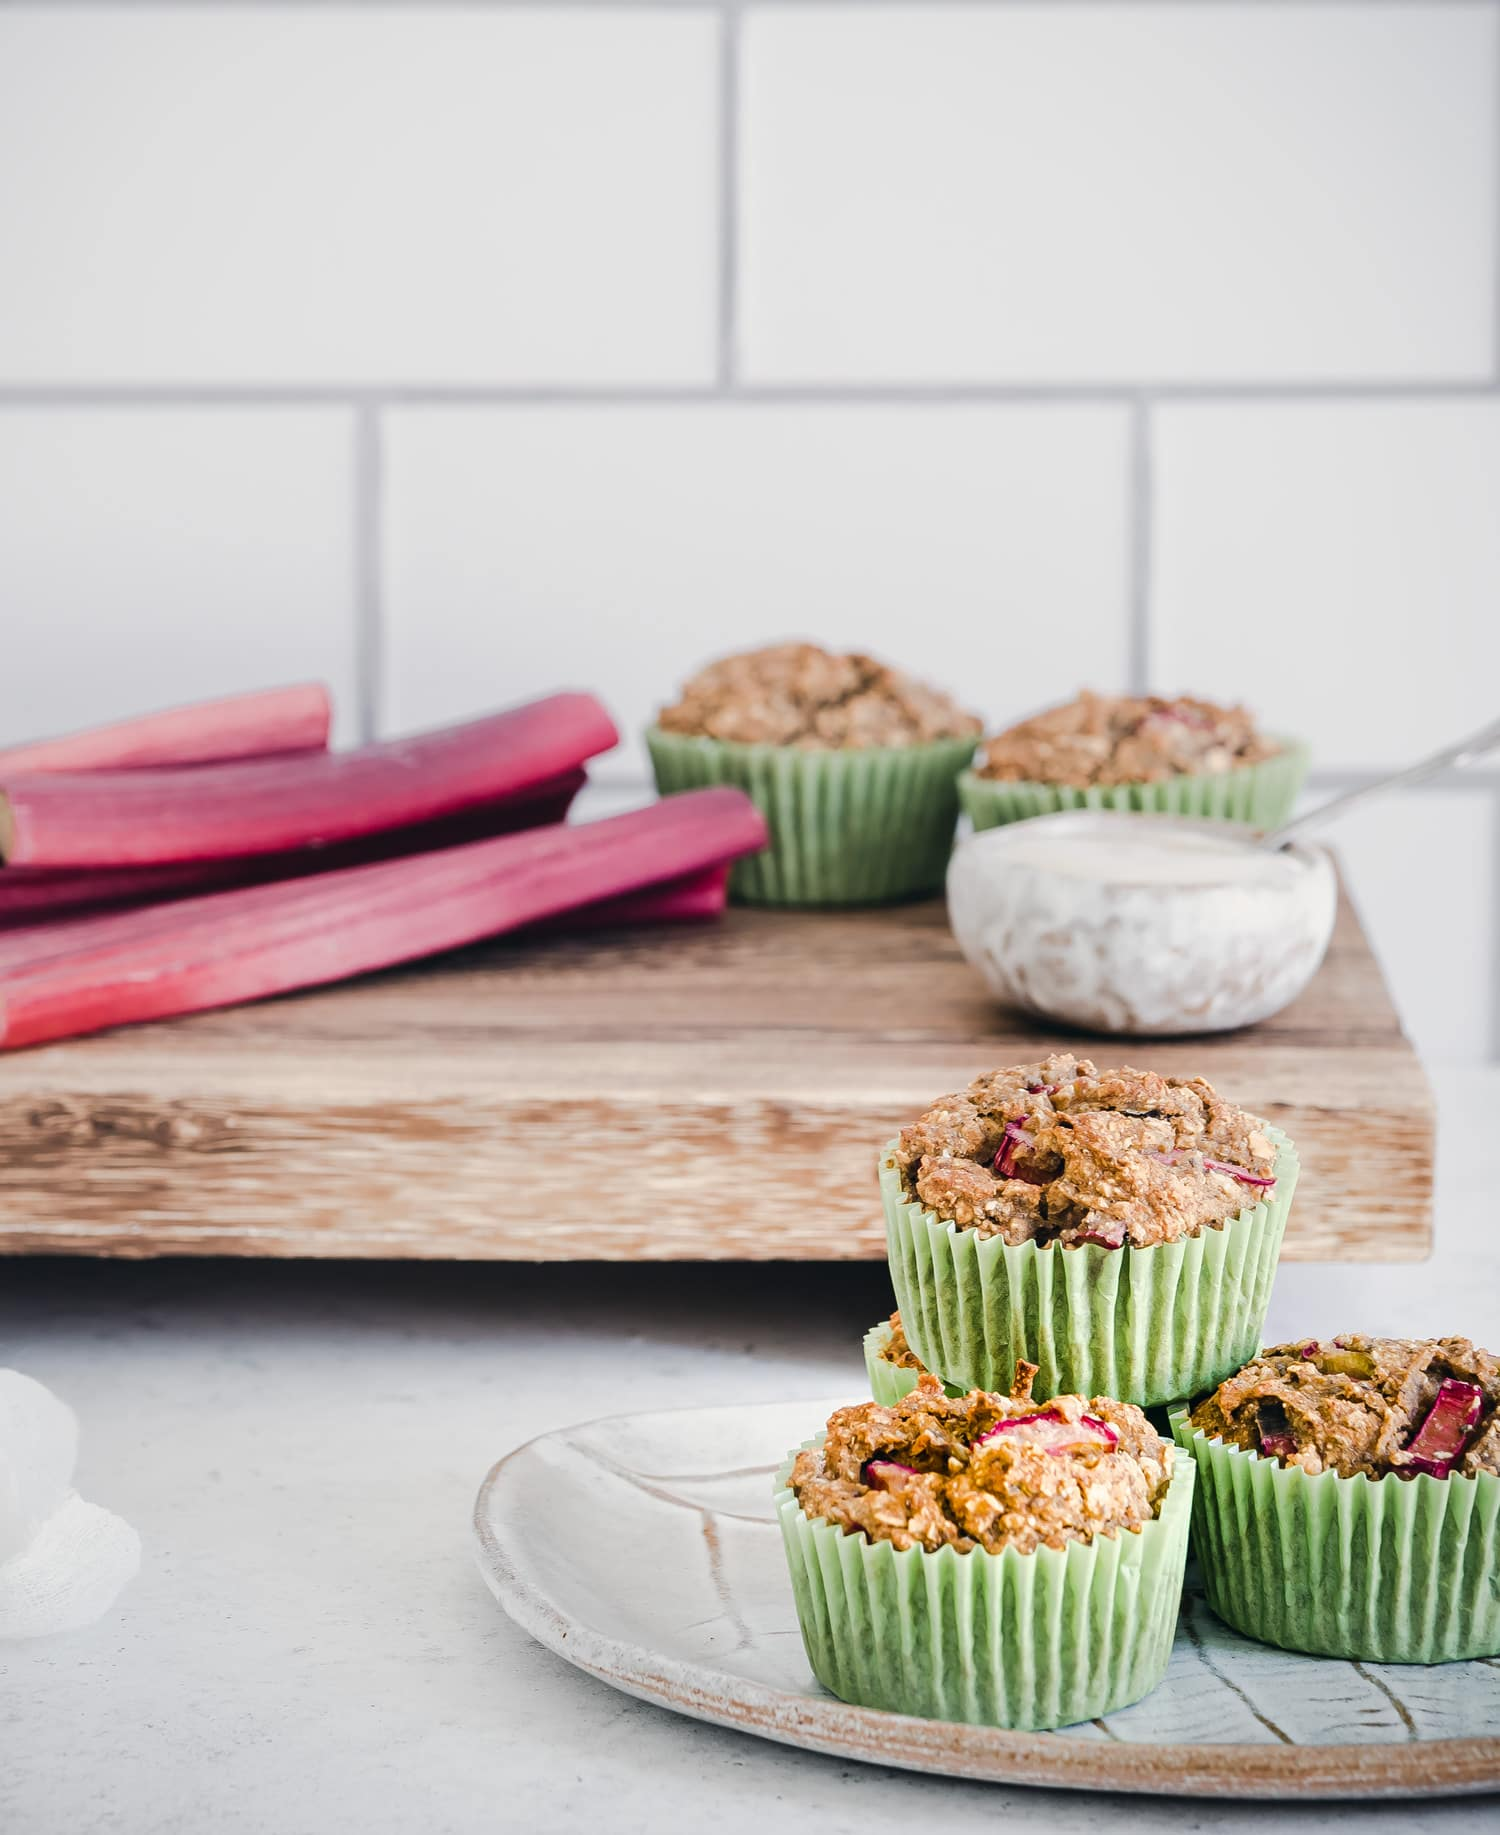 Rhabarber Muffins mit Joghurt. Einfach, vegan, gesund, glutenfrei, ohne Zucker.